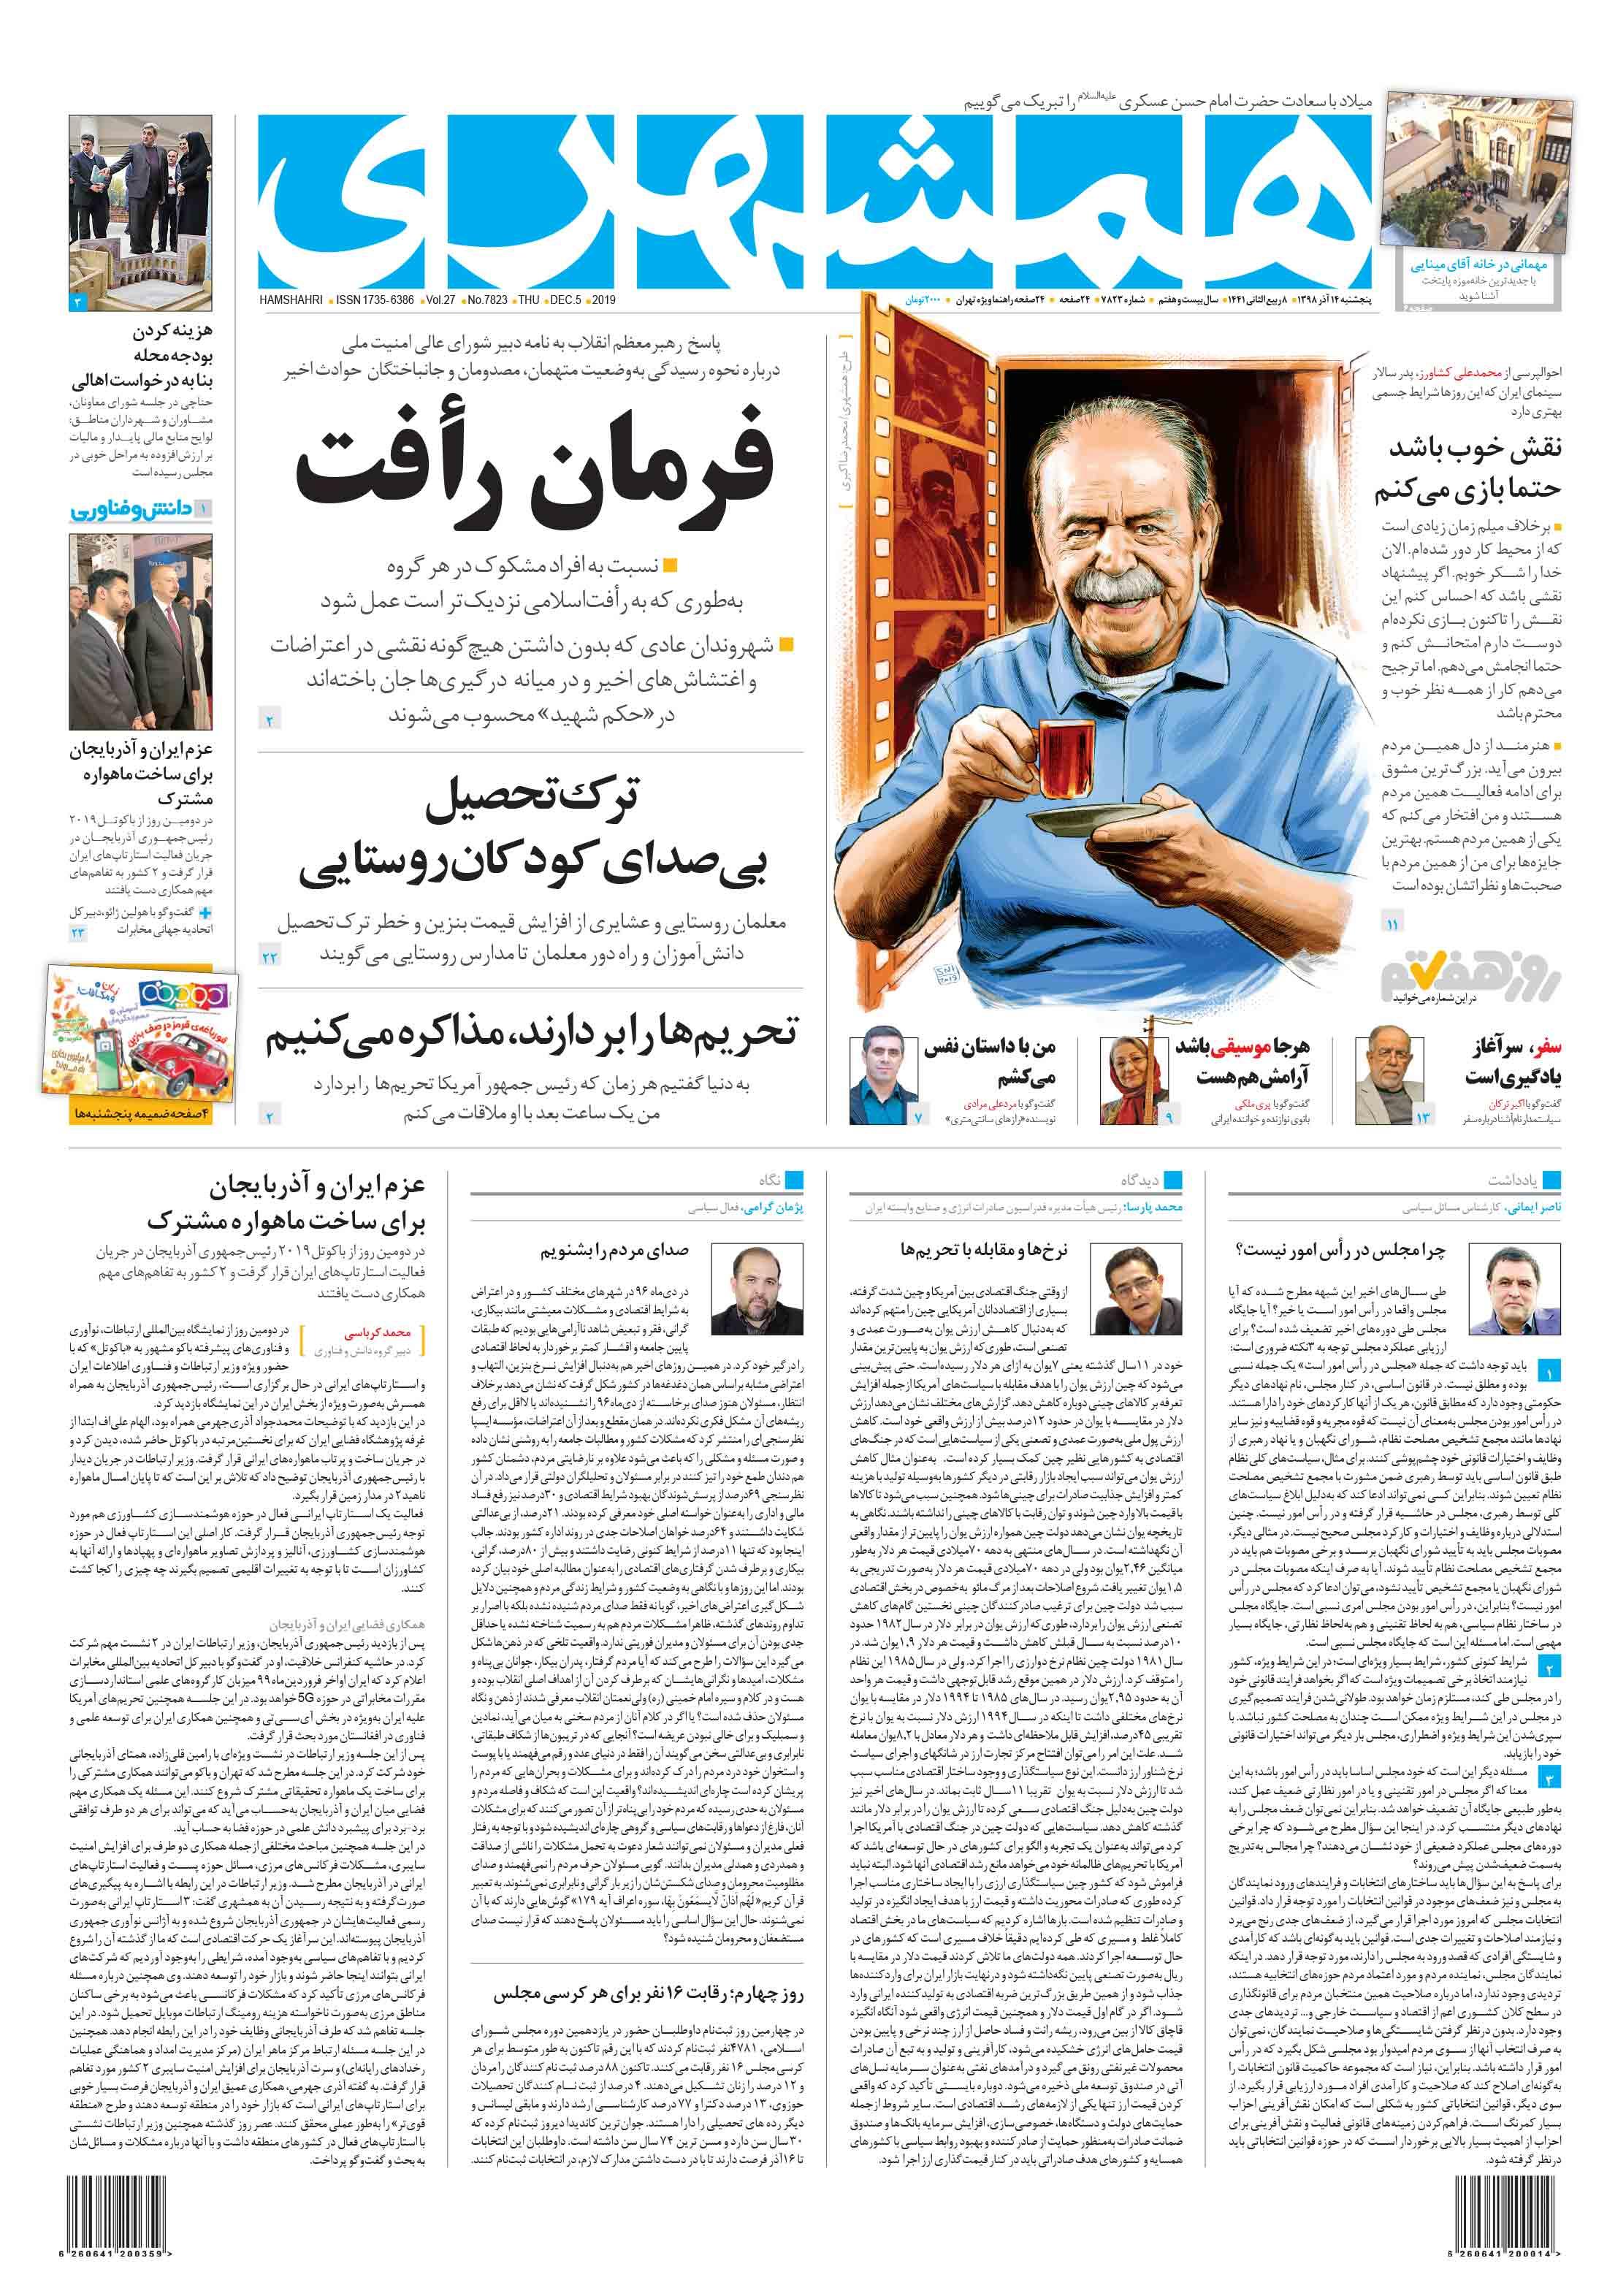 صفحه اول پنجشنبه 14 آذر 1398